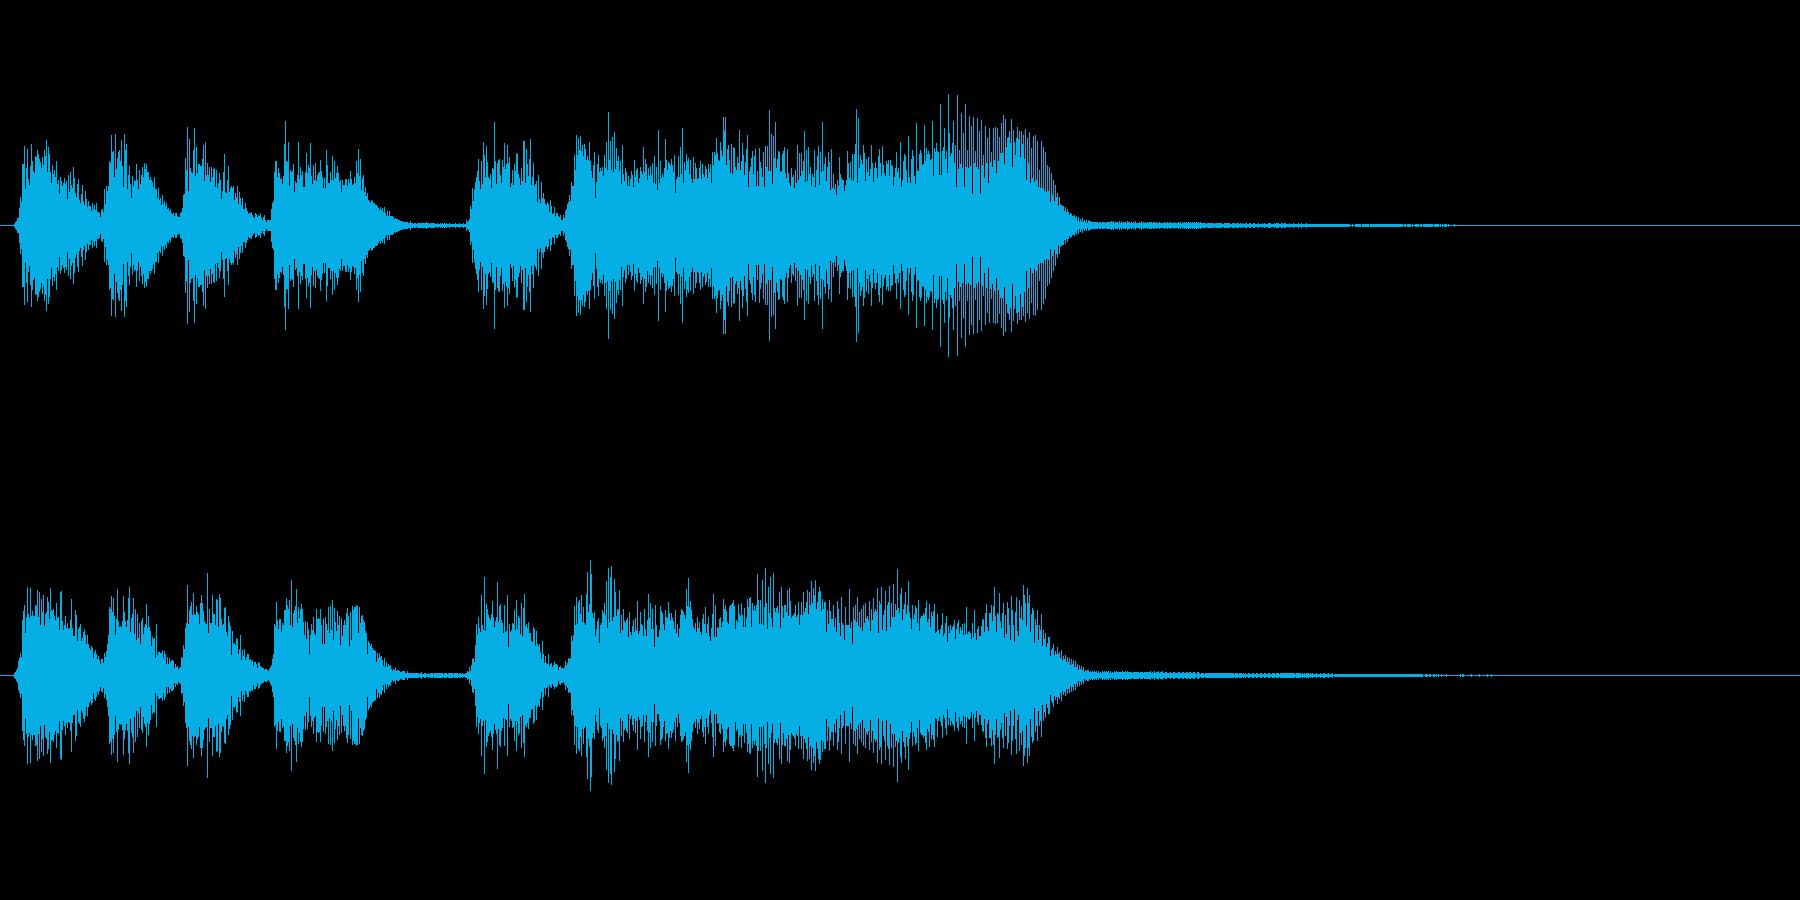 玩具系ファンファーレ-08の再生済みの波形